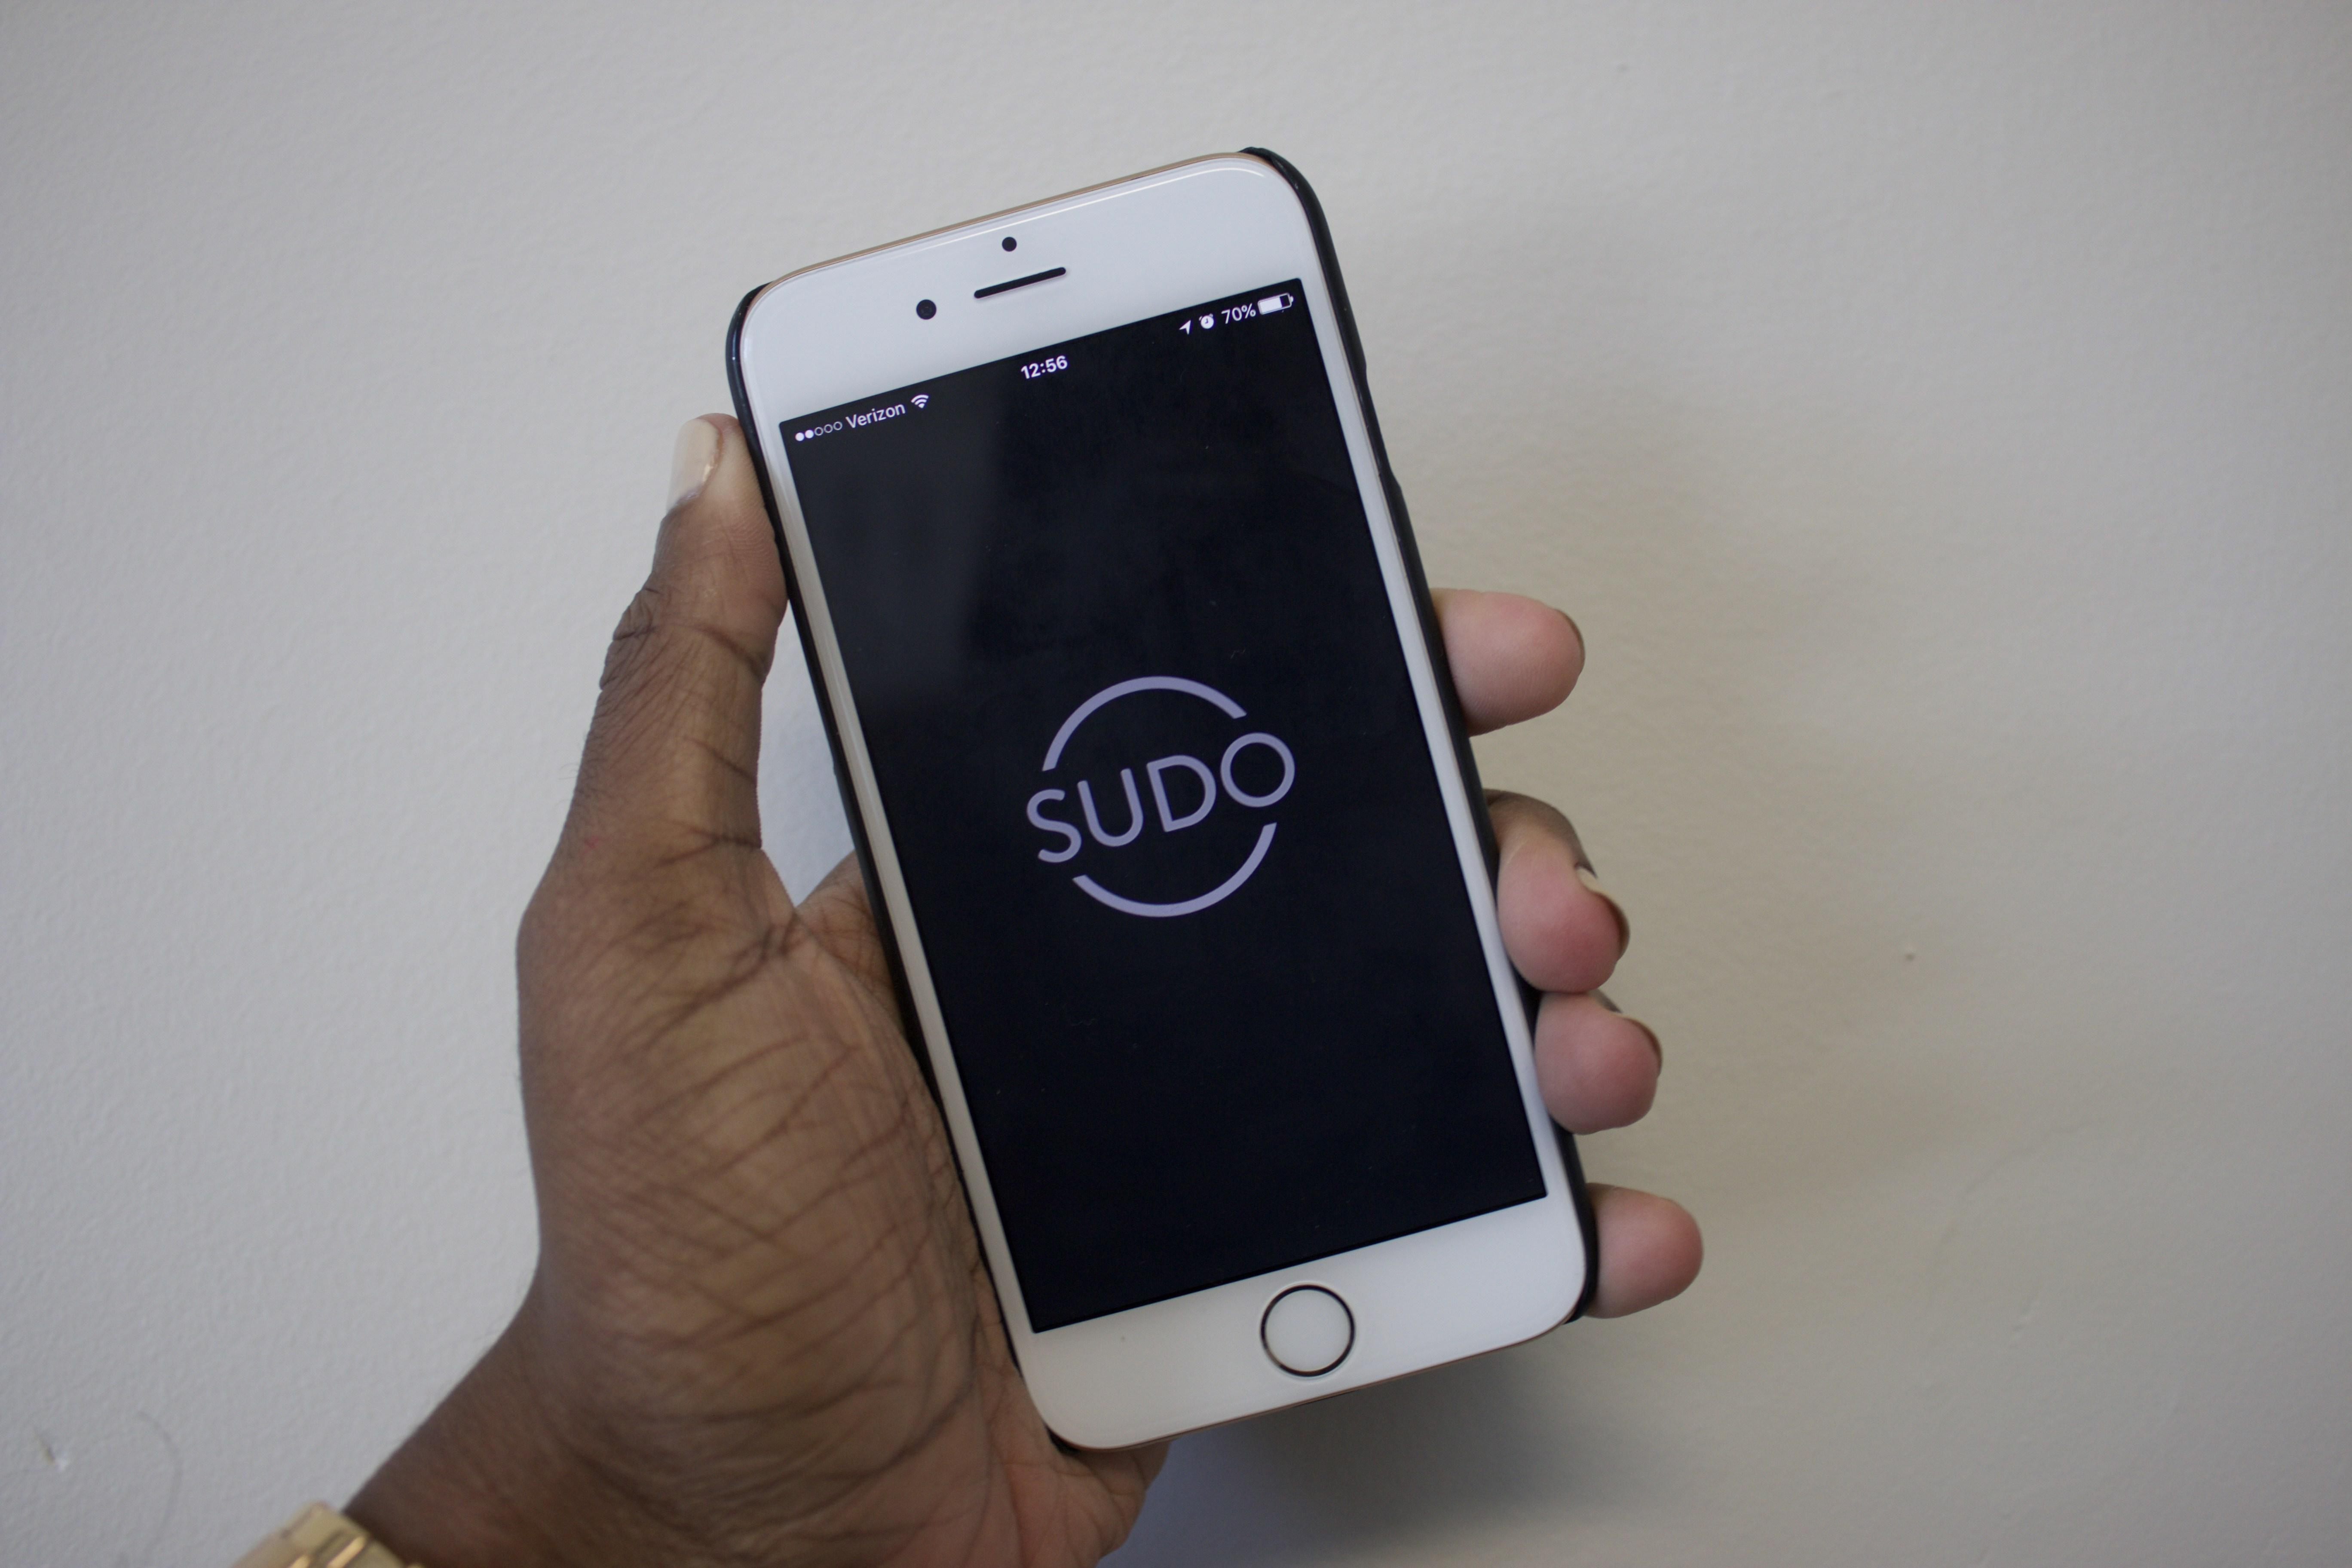 SudoApp per ottenere dati da una persona in Cile 2